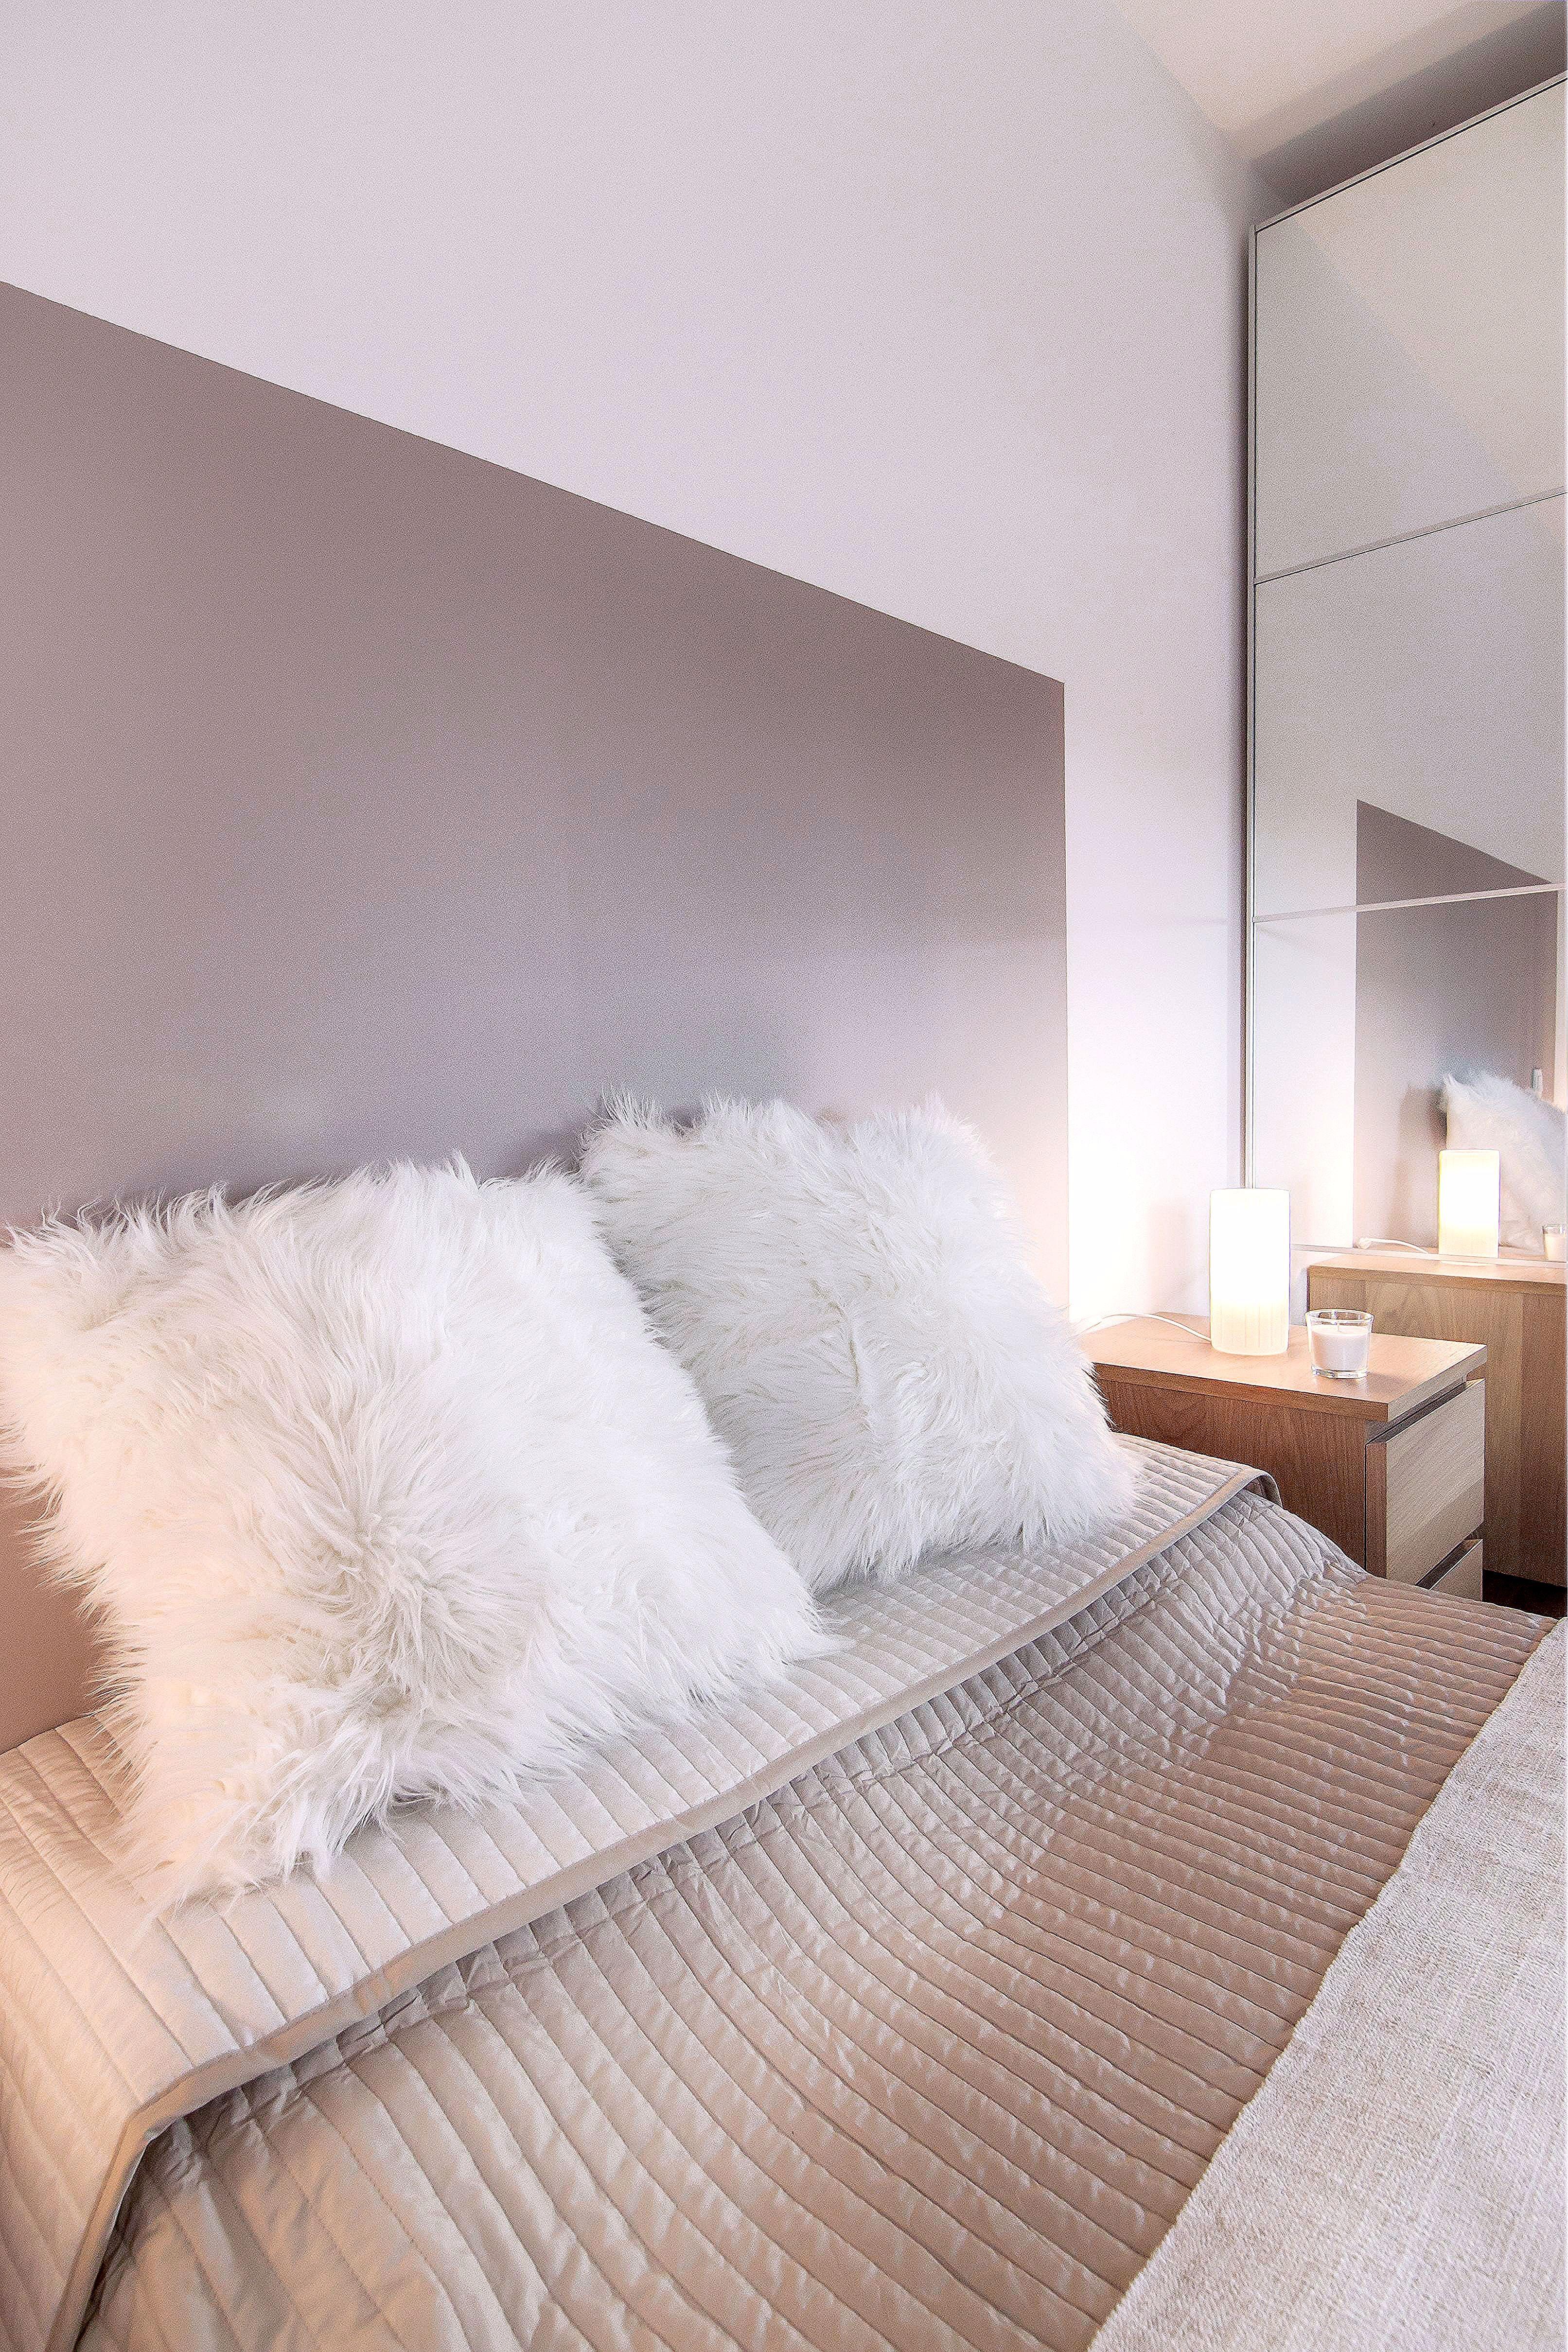 100 Remarquable Concepts Tete De Lit Chambre Cocooning